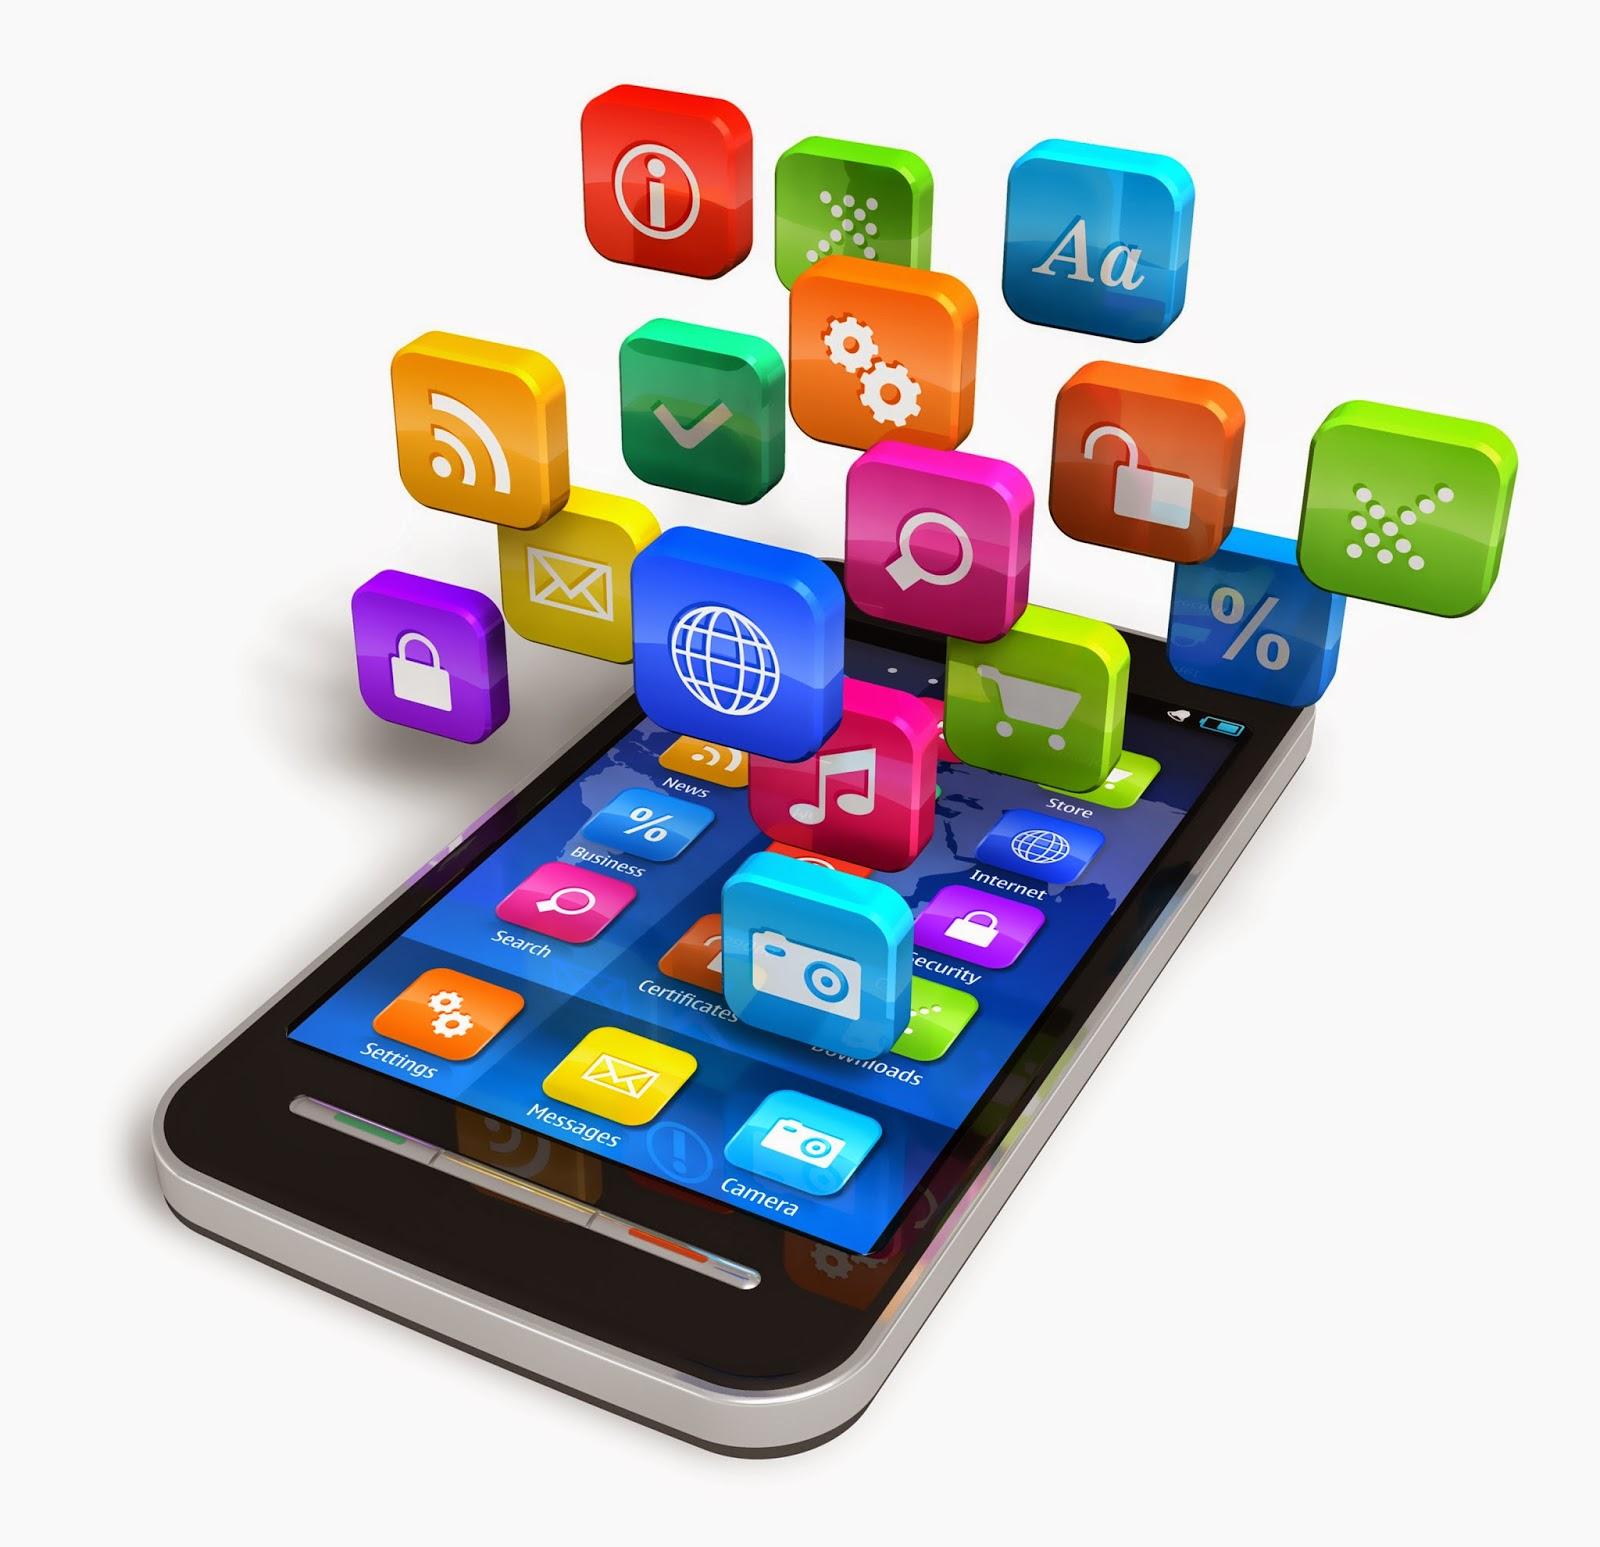 Imagen de un Smartphone y Apps